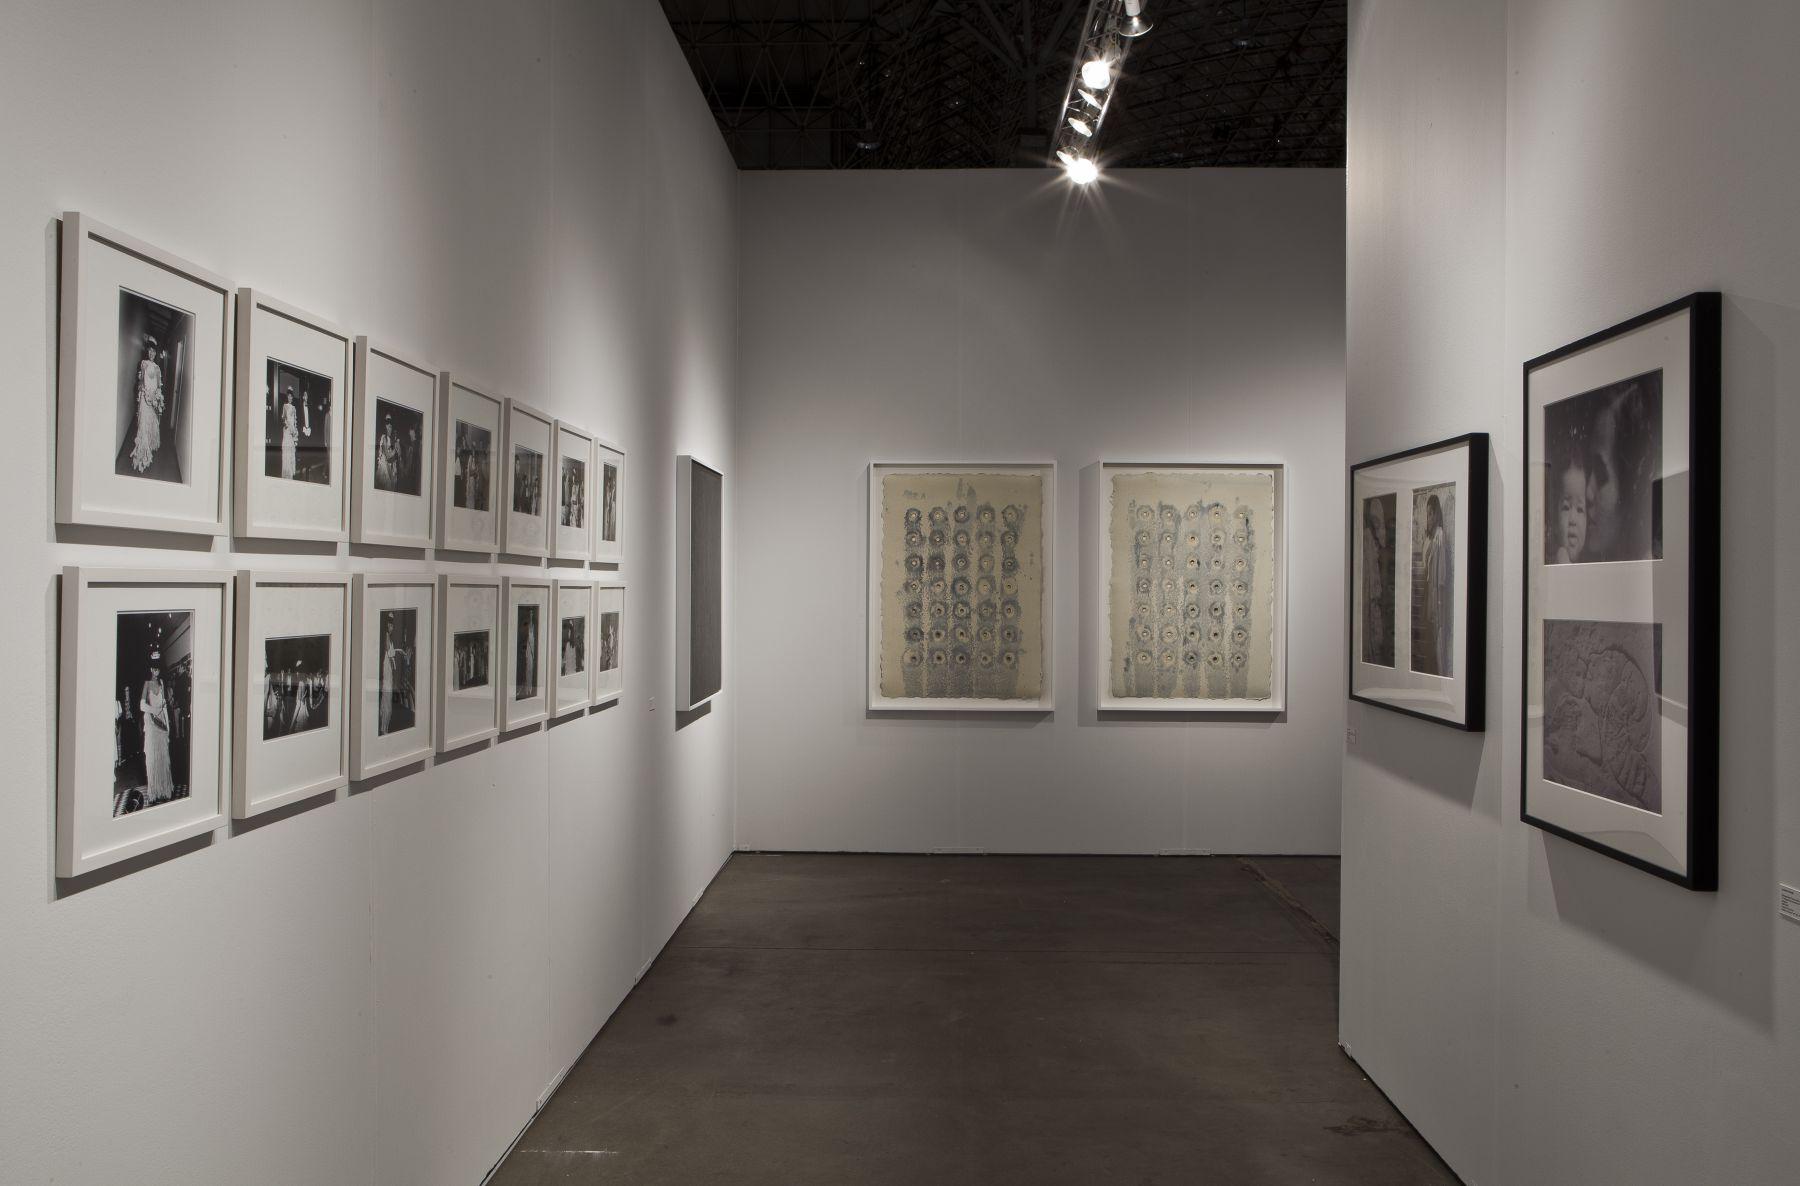 Alexander Gray Associates, Expo Chicago 2016